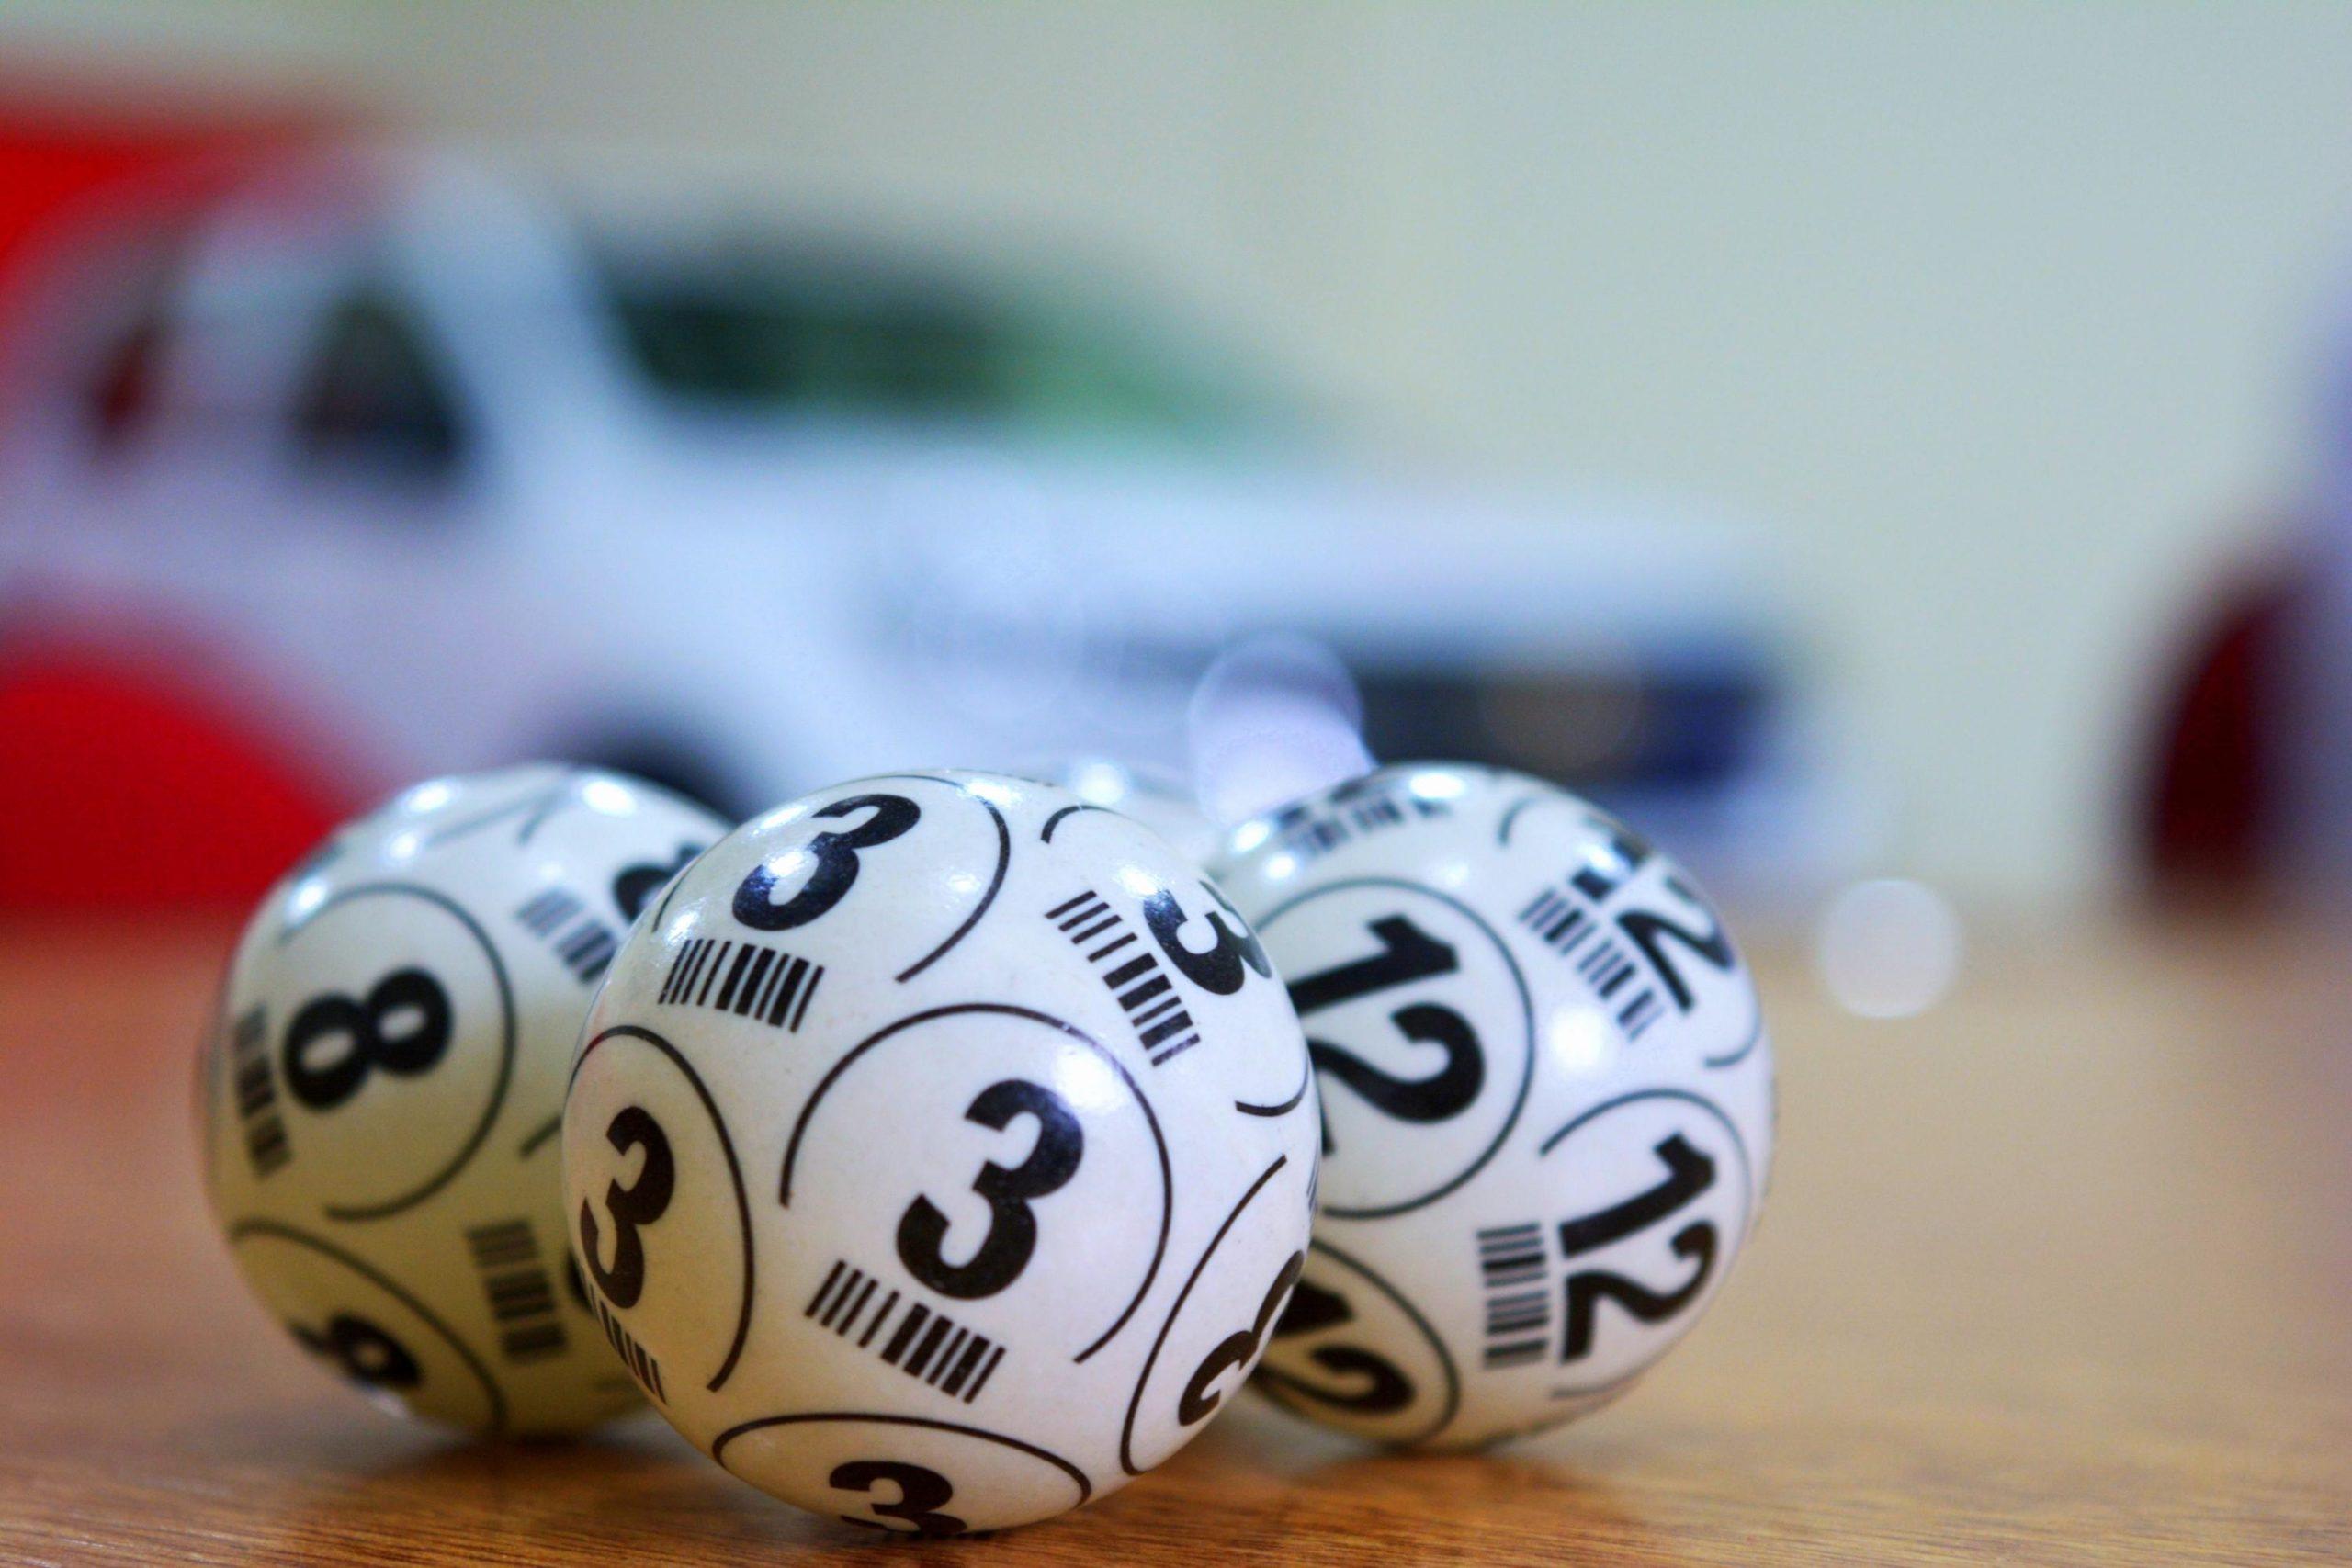 Palline utilizzate per estrarre numeri di una lotteria, simili a quelle per estrazione superenalotto